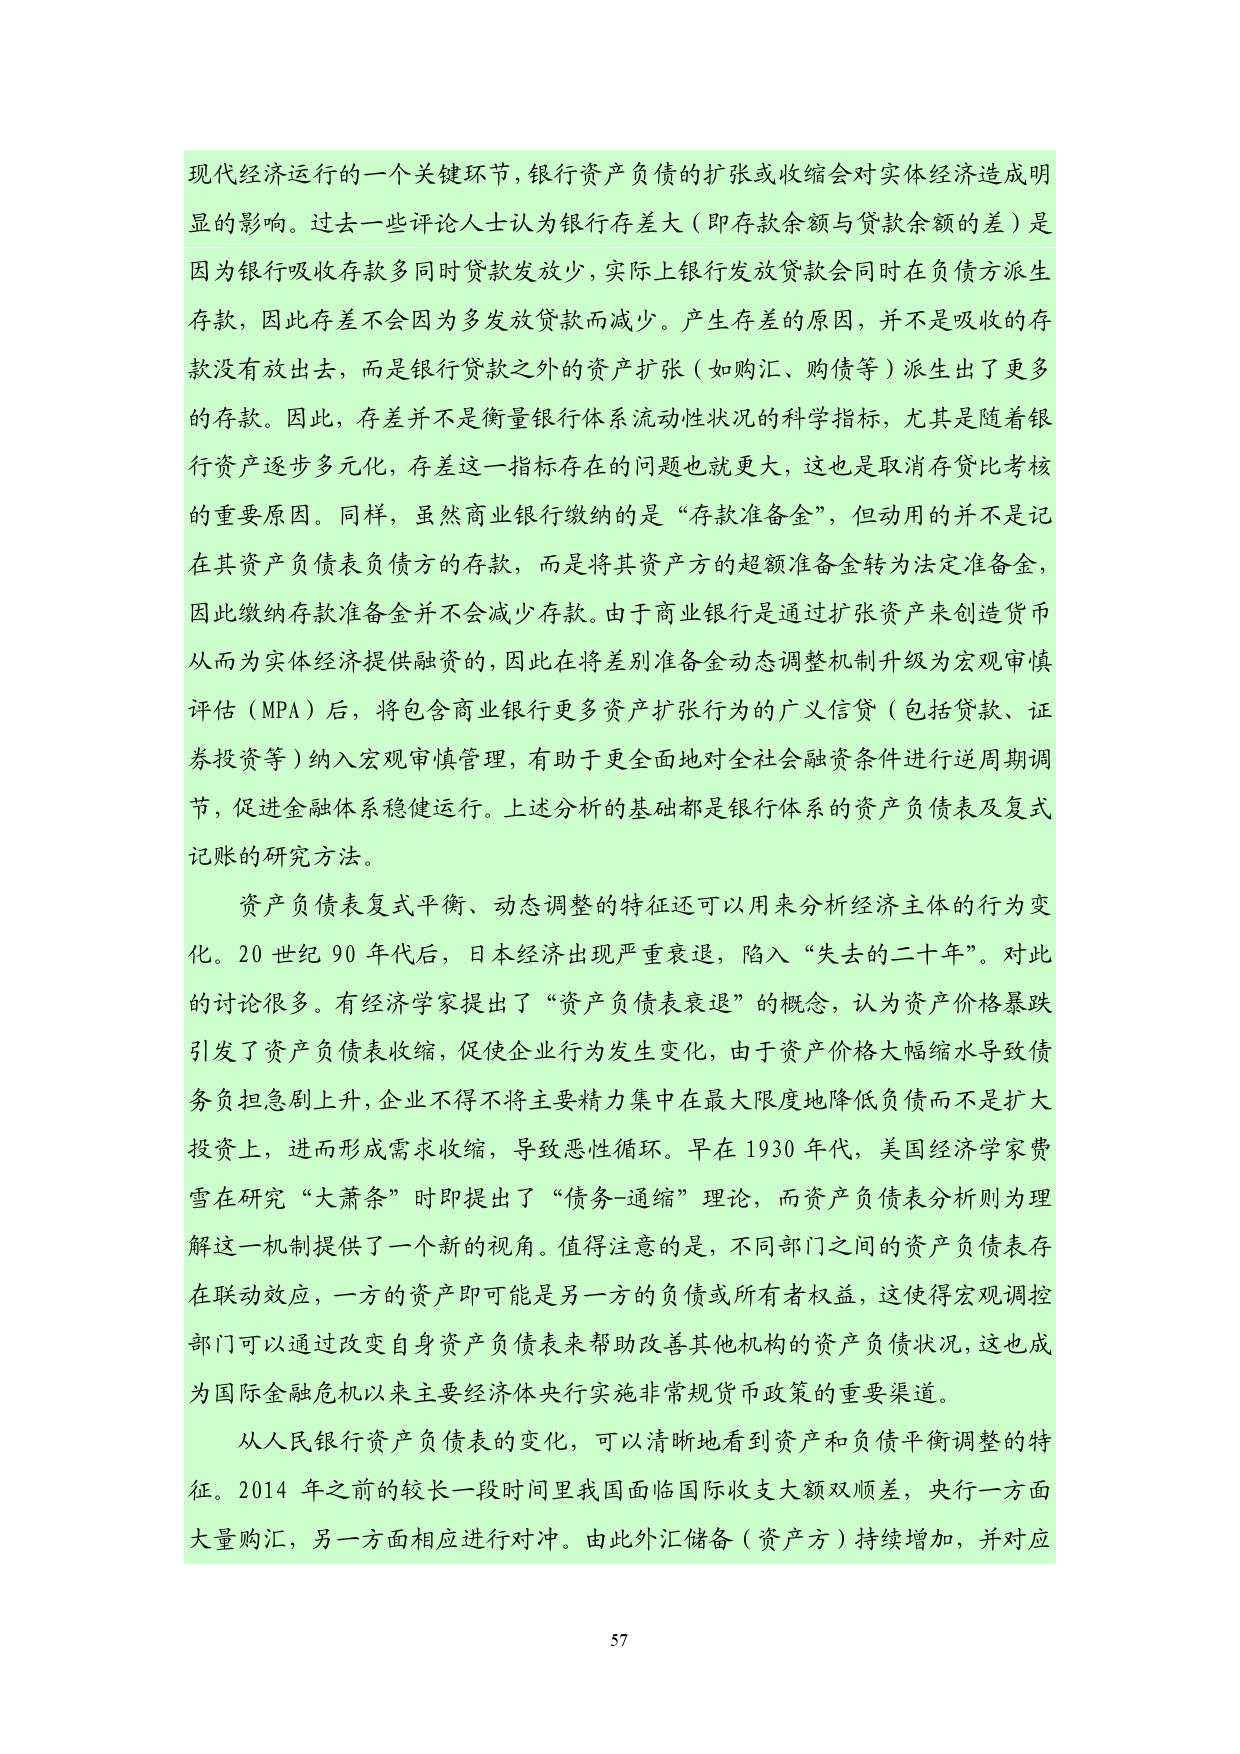 2016年Q2中国货币政策执行报告_000063